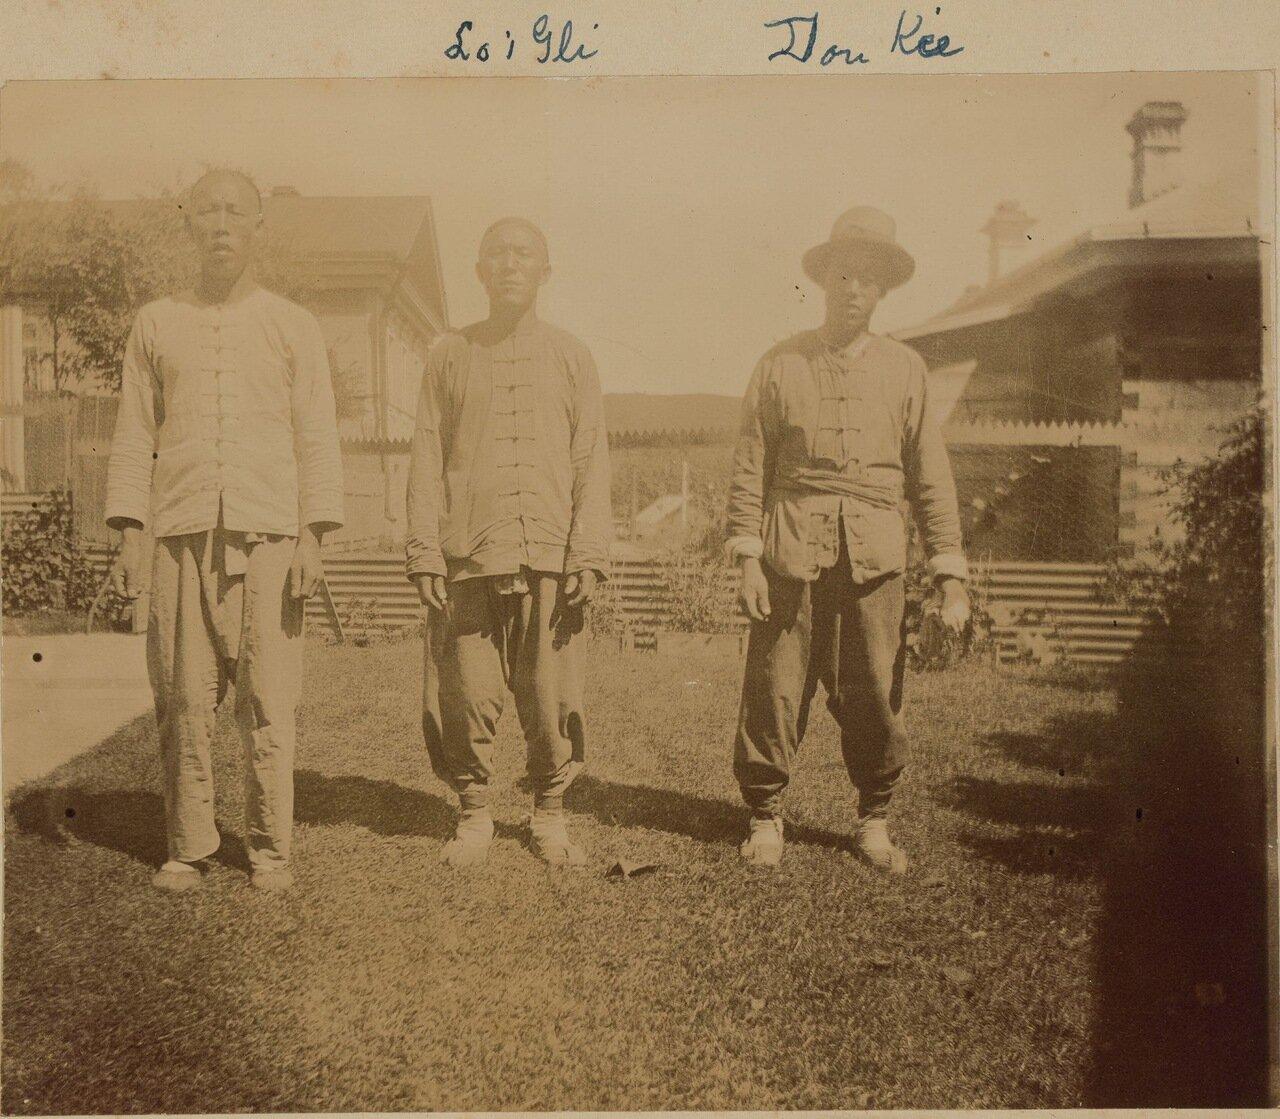 Китайские слуги Караулочка, Лой Гли и Доу Ки в августе 1899 года